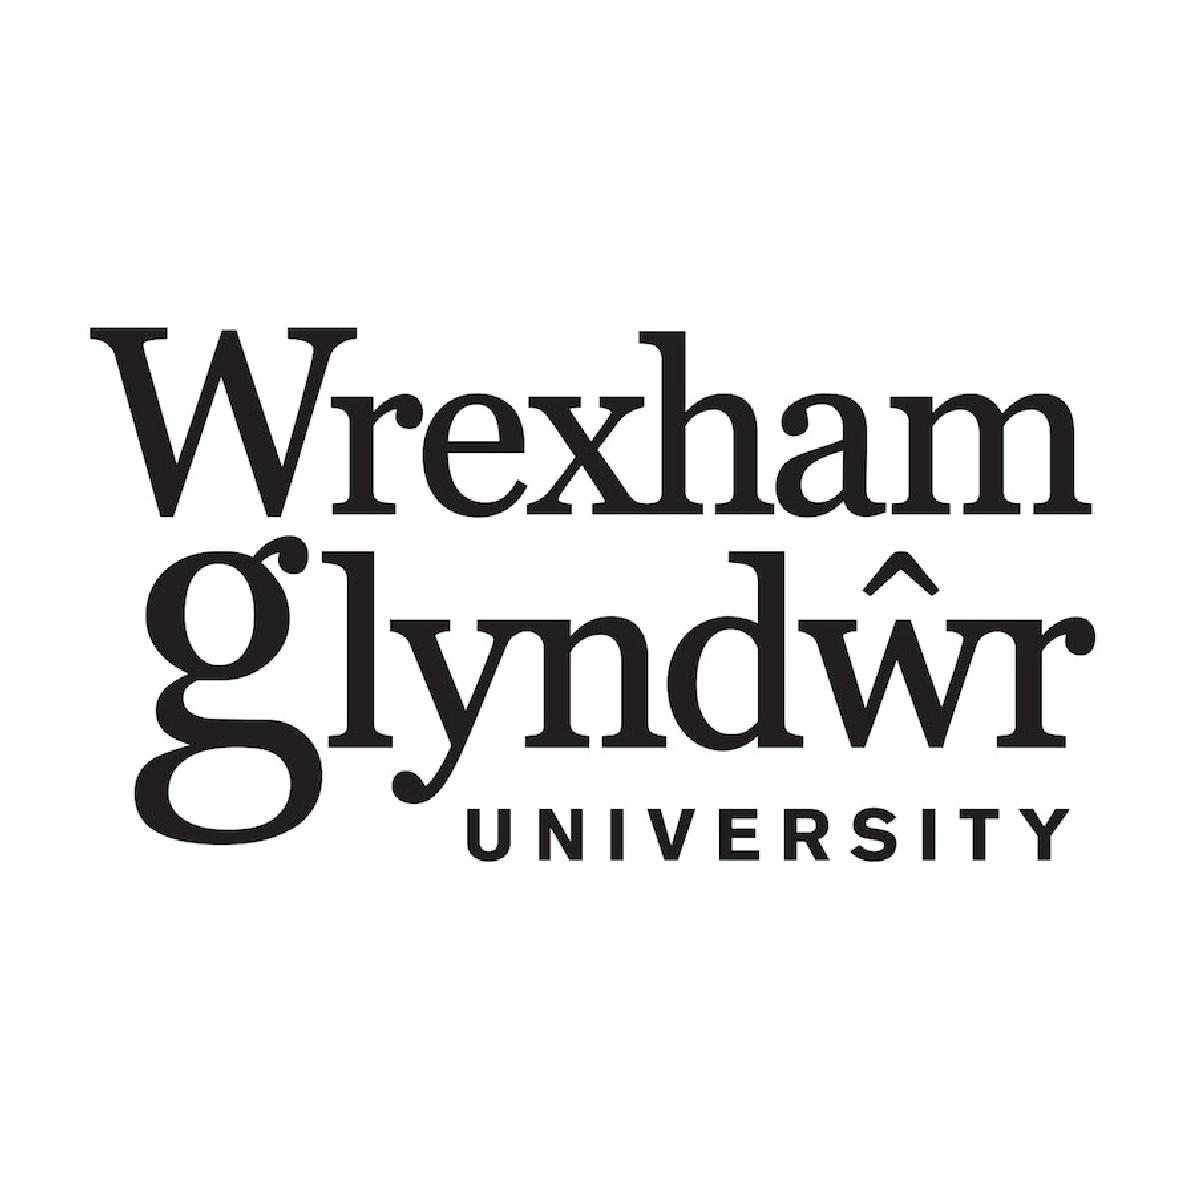 Wrexham Glynder University